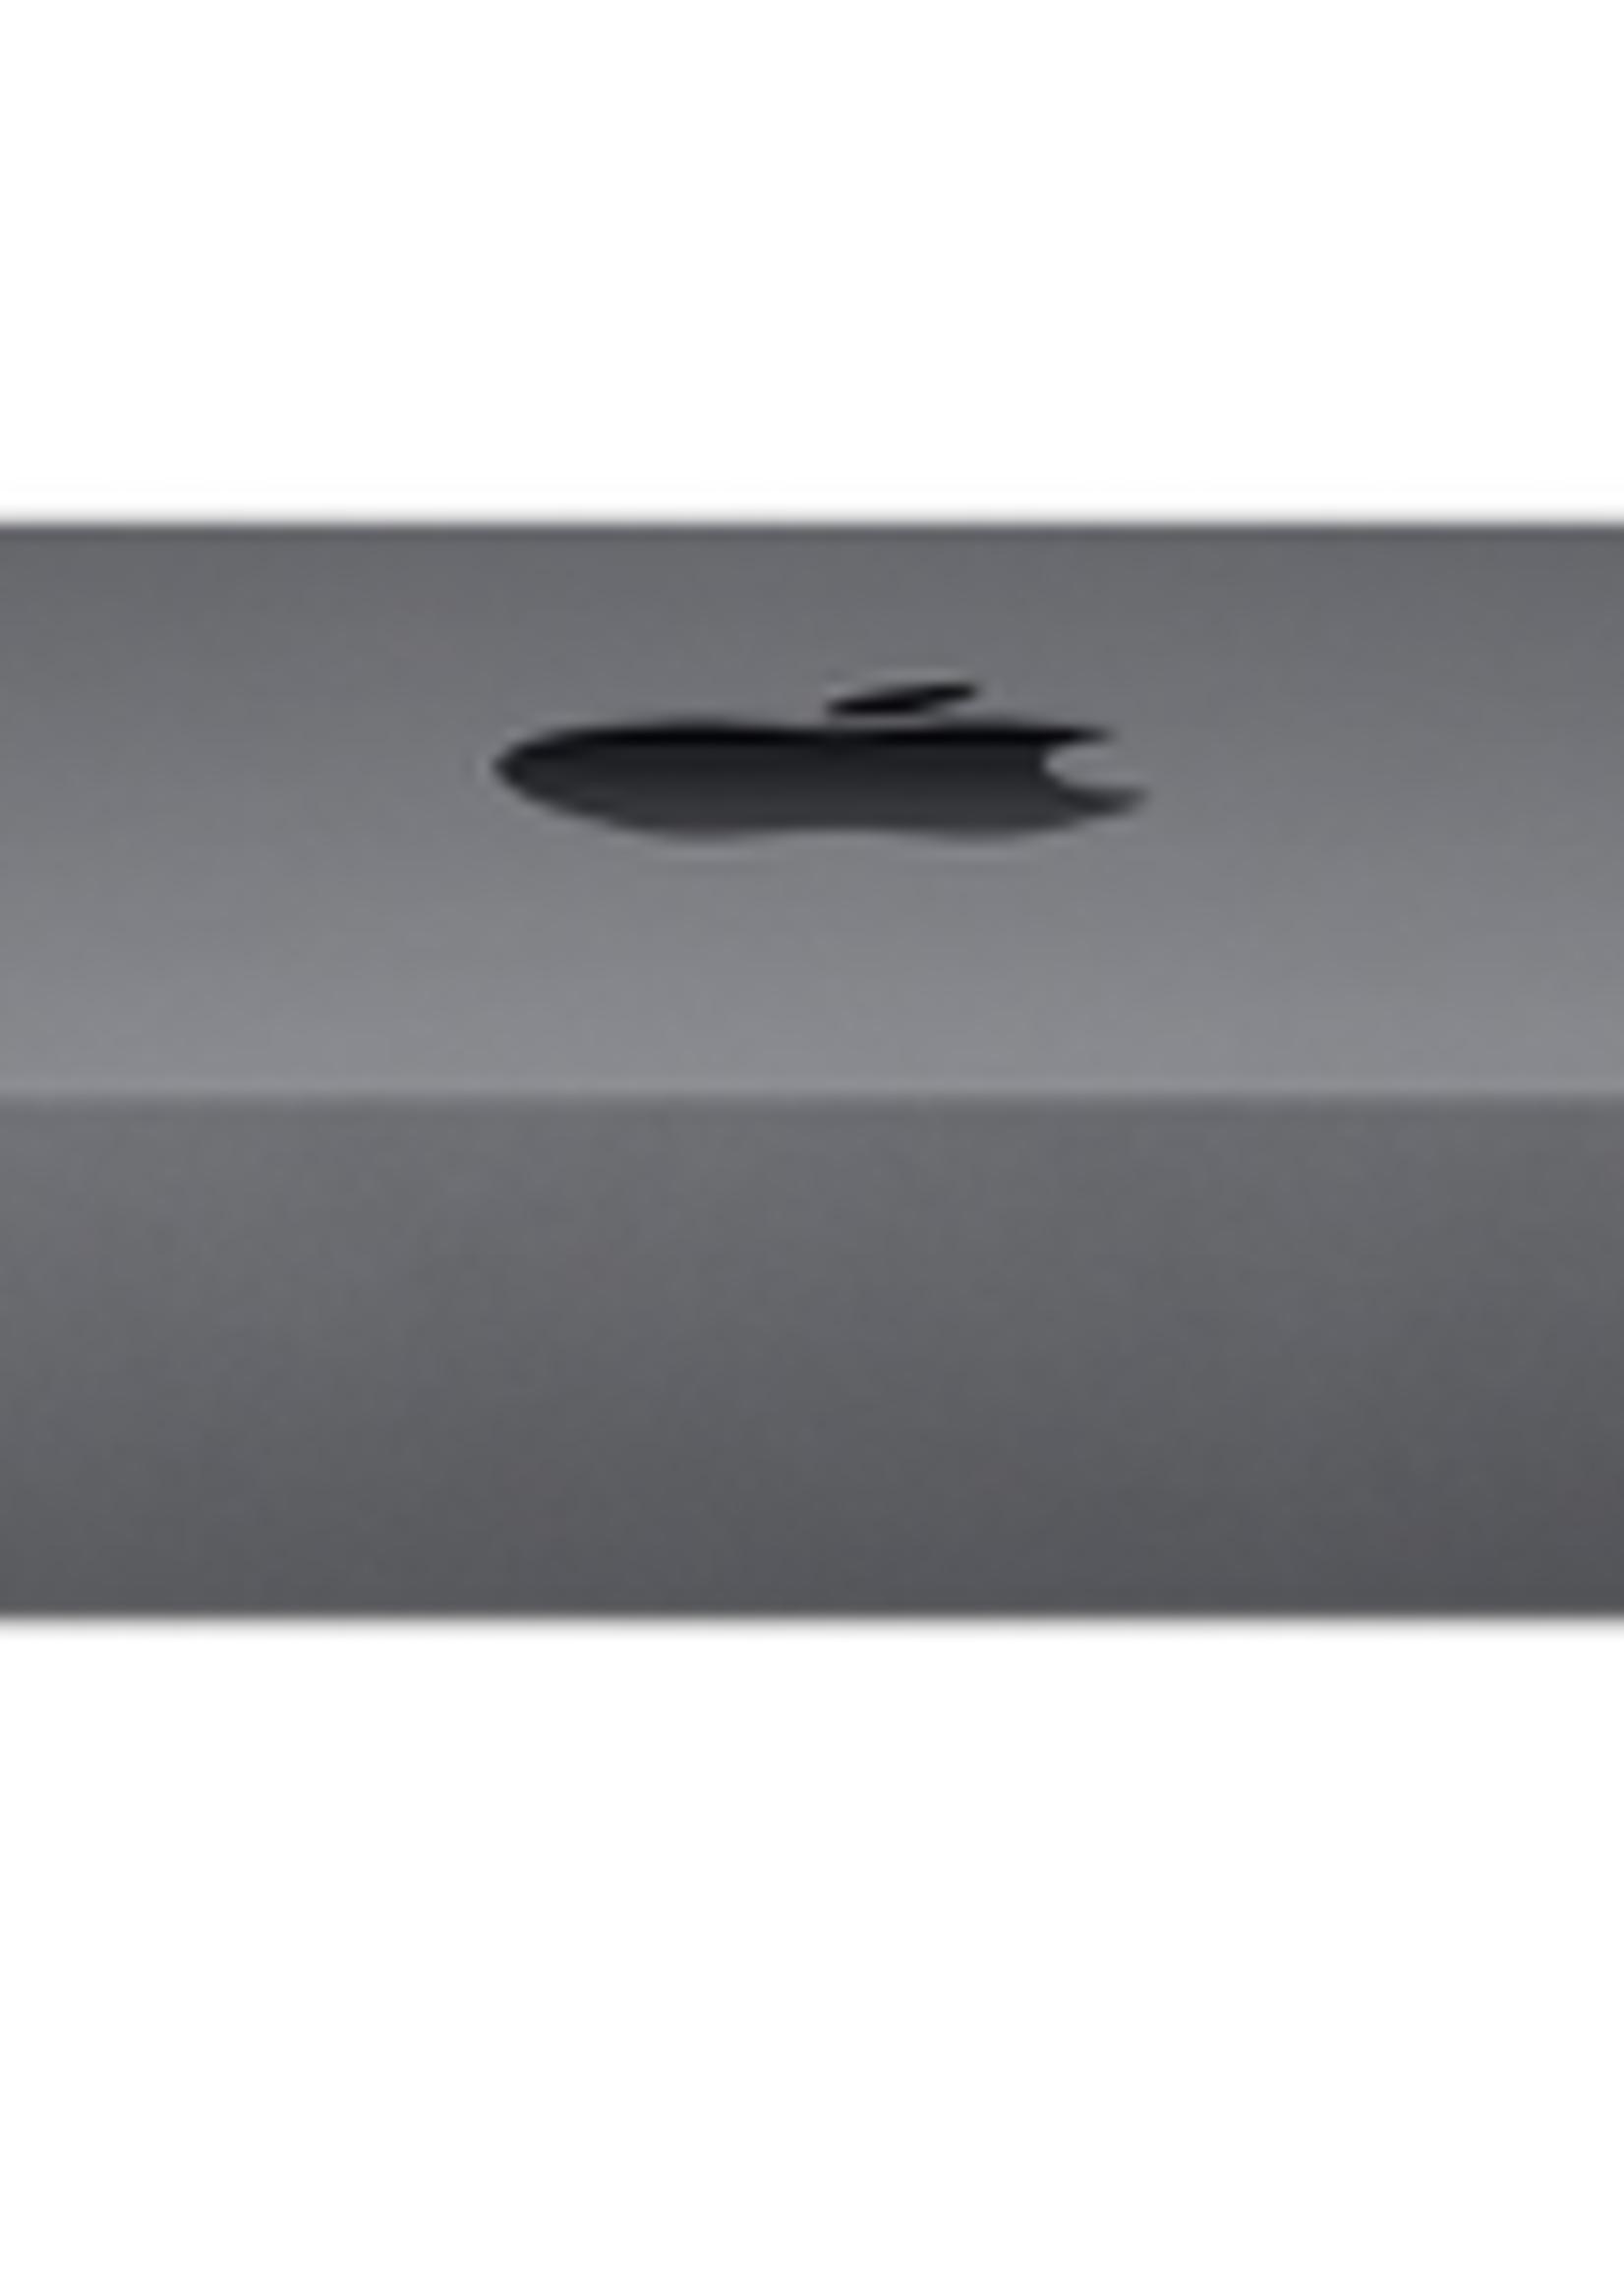 Mac Mini - 3.0GHz 6-Core IntelCore i5 processor - 256GB